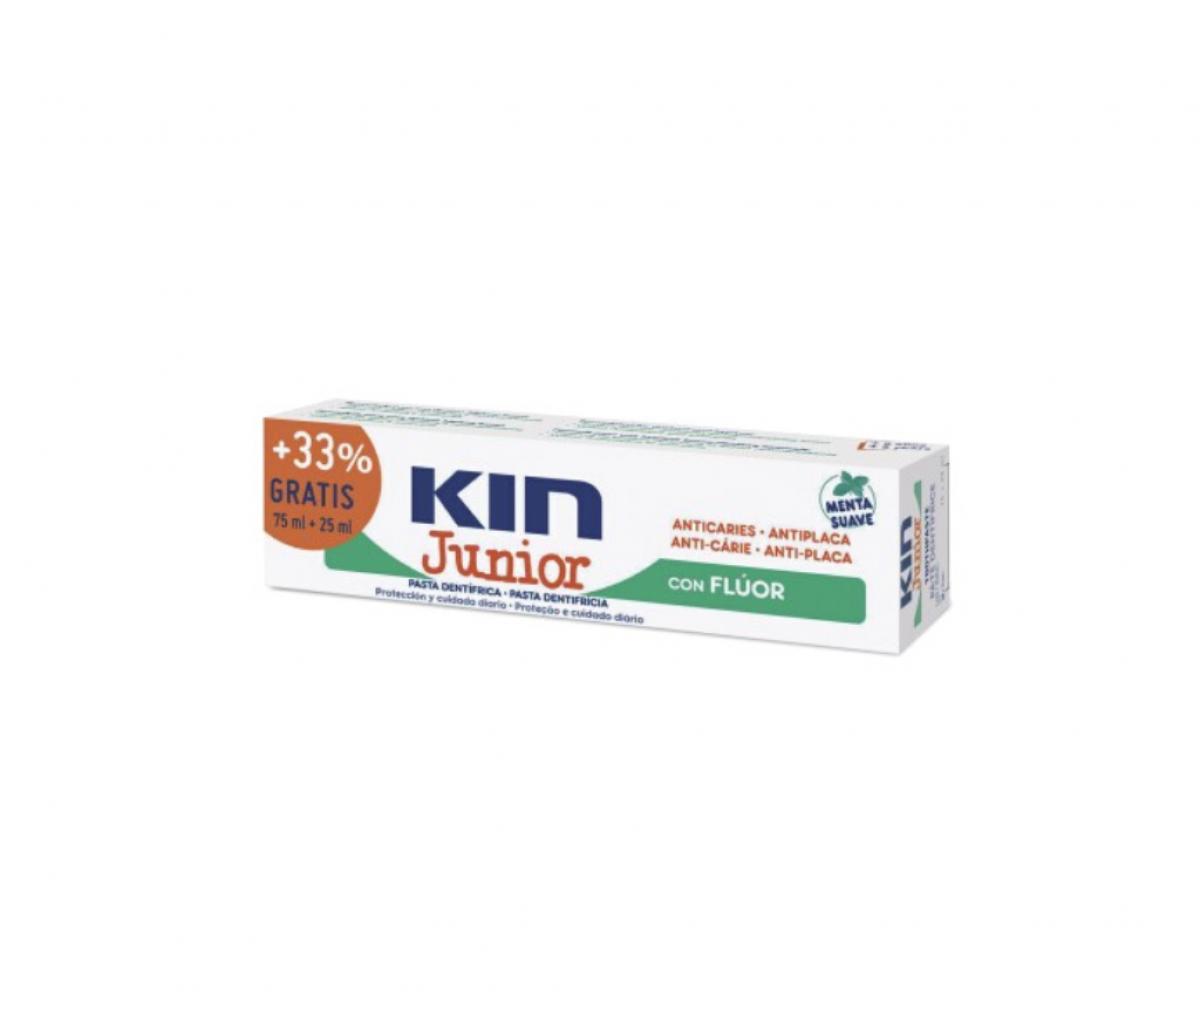 Kin Junior Mild Mint Toothpaste 75+25ml